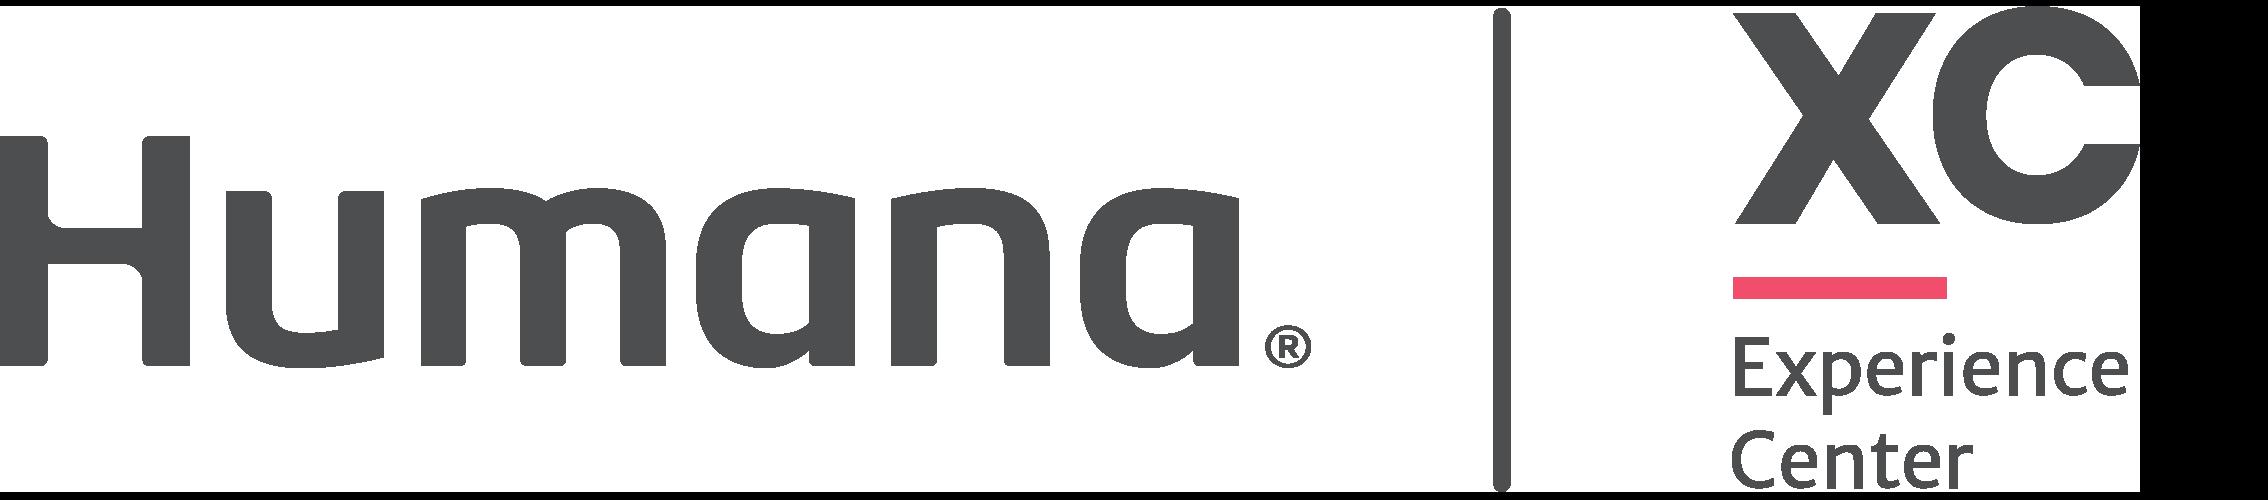 Humana Experience Center